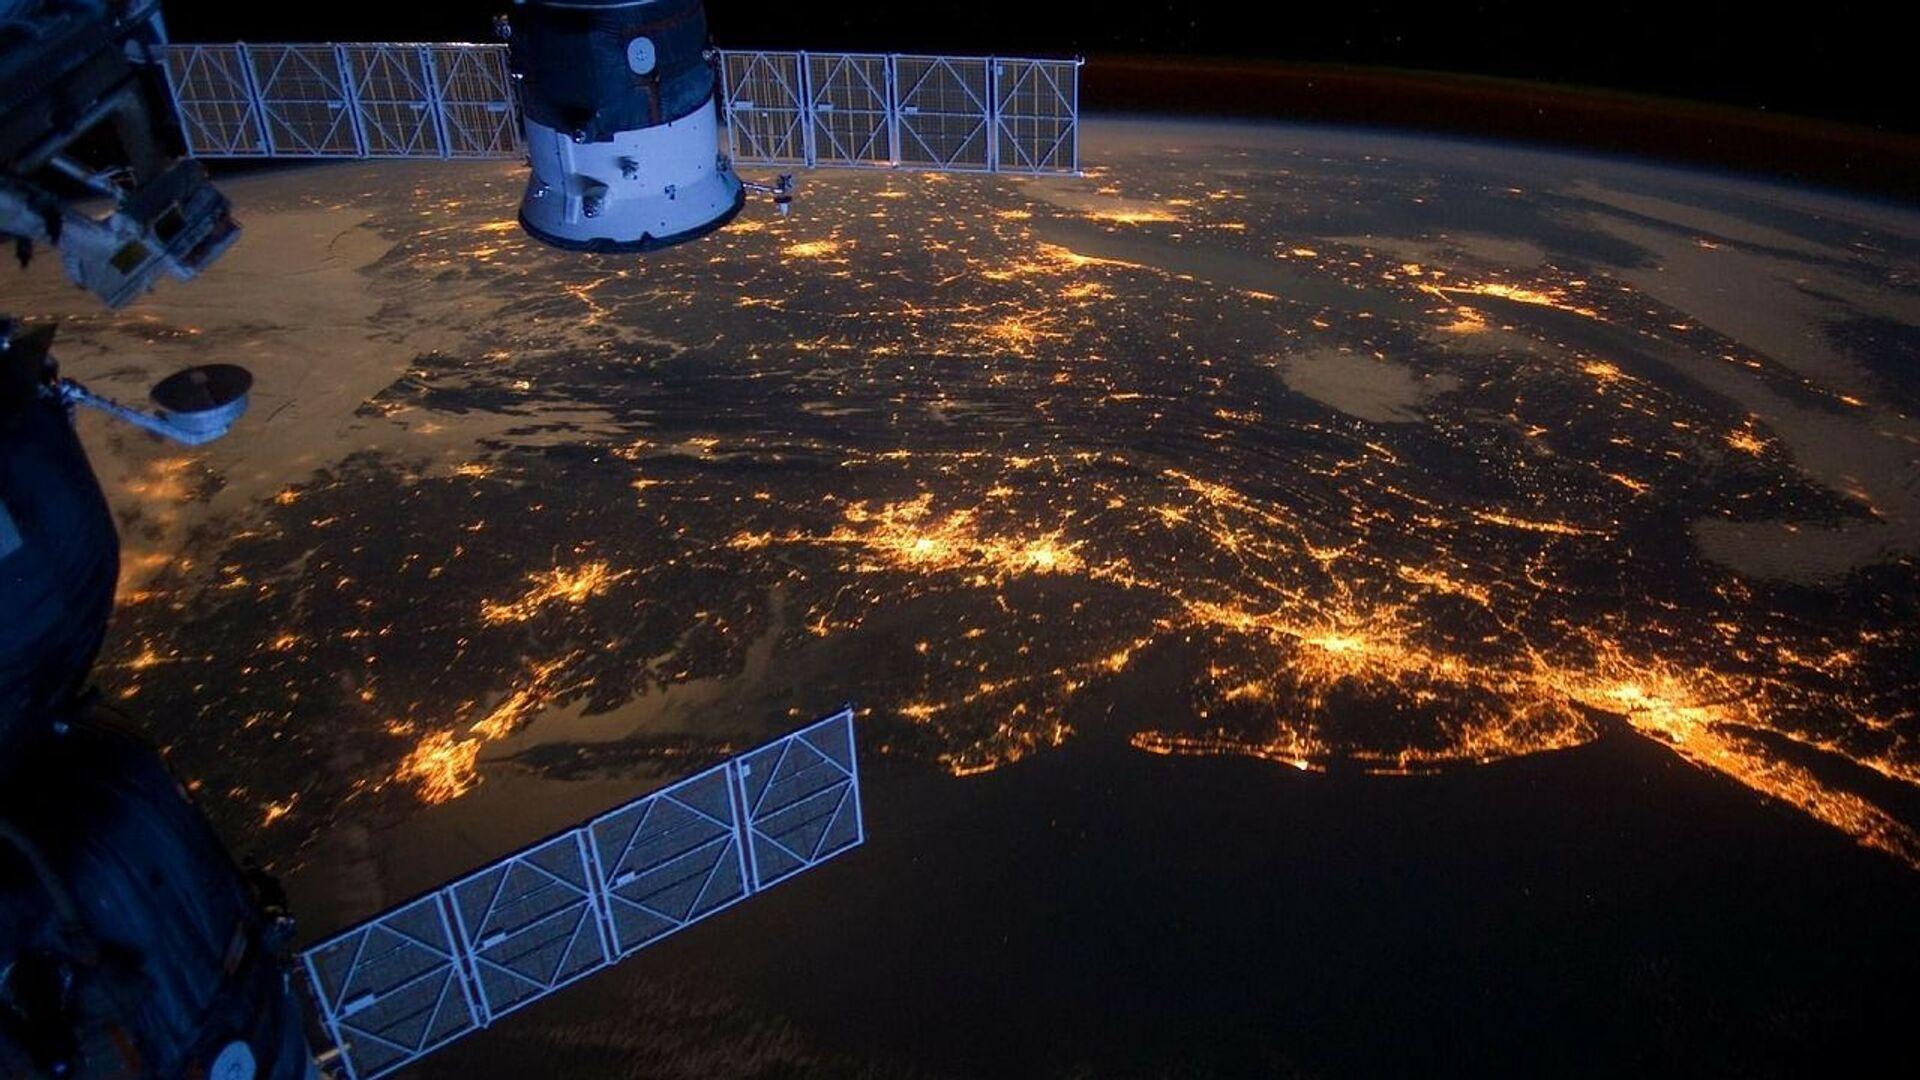 Satélite en el espacio  - Sputnik Mundo, 1920, 03.04.2021